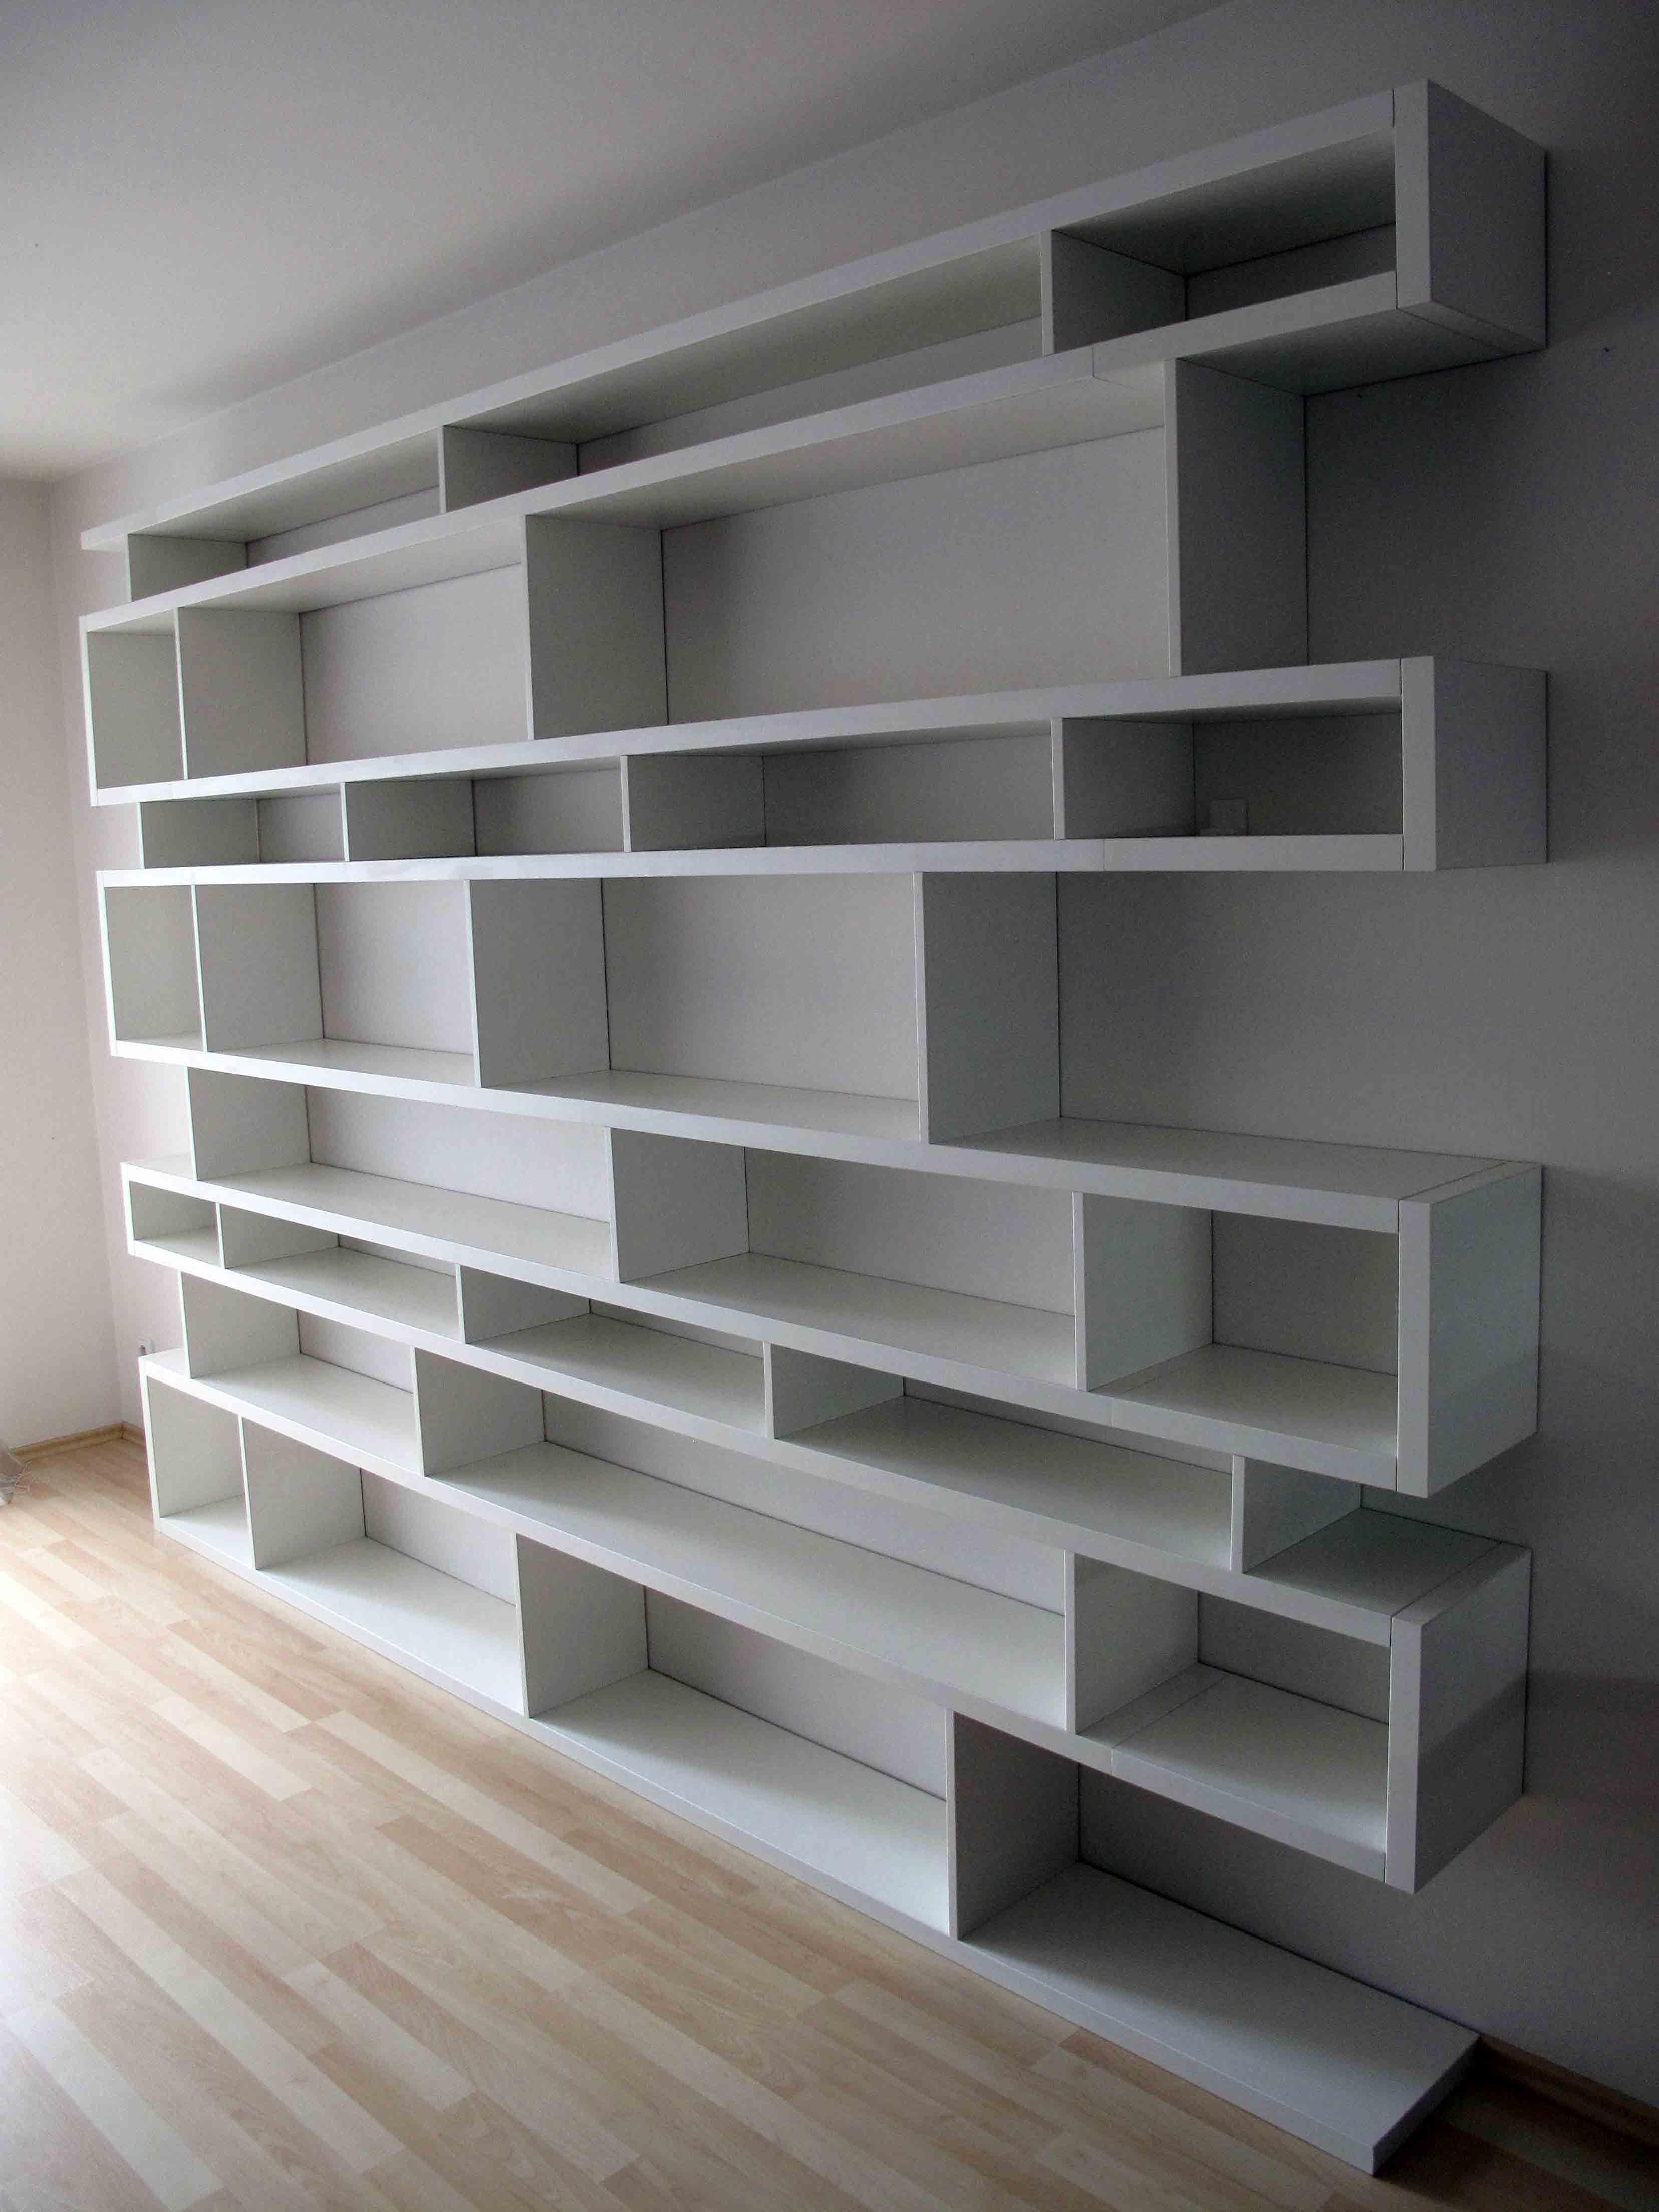 Libreria Scorrevole Fai Da Te knihovna/library/libreria | arredamento, interni